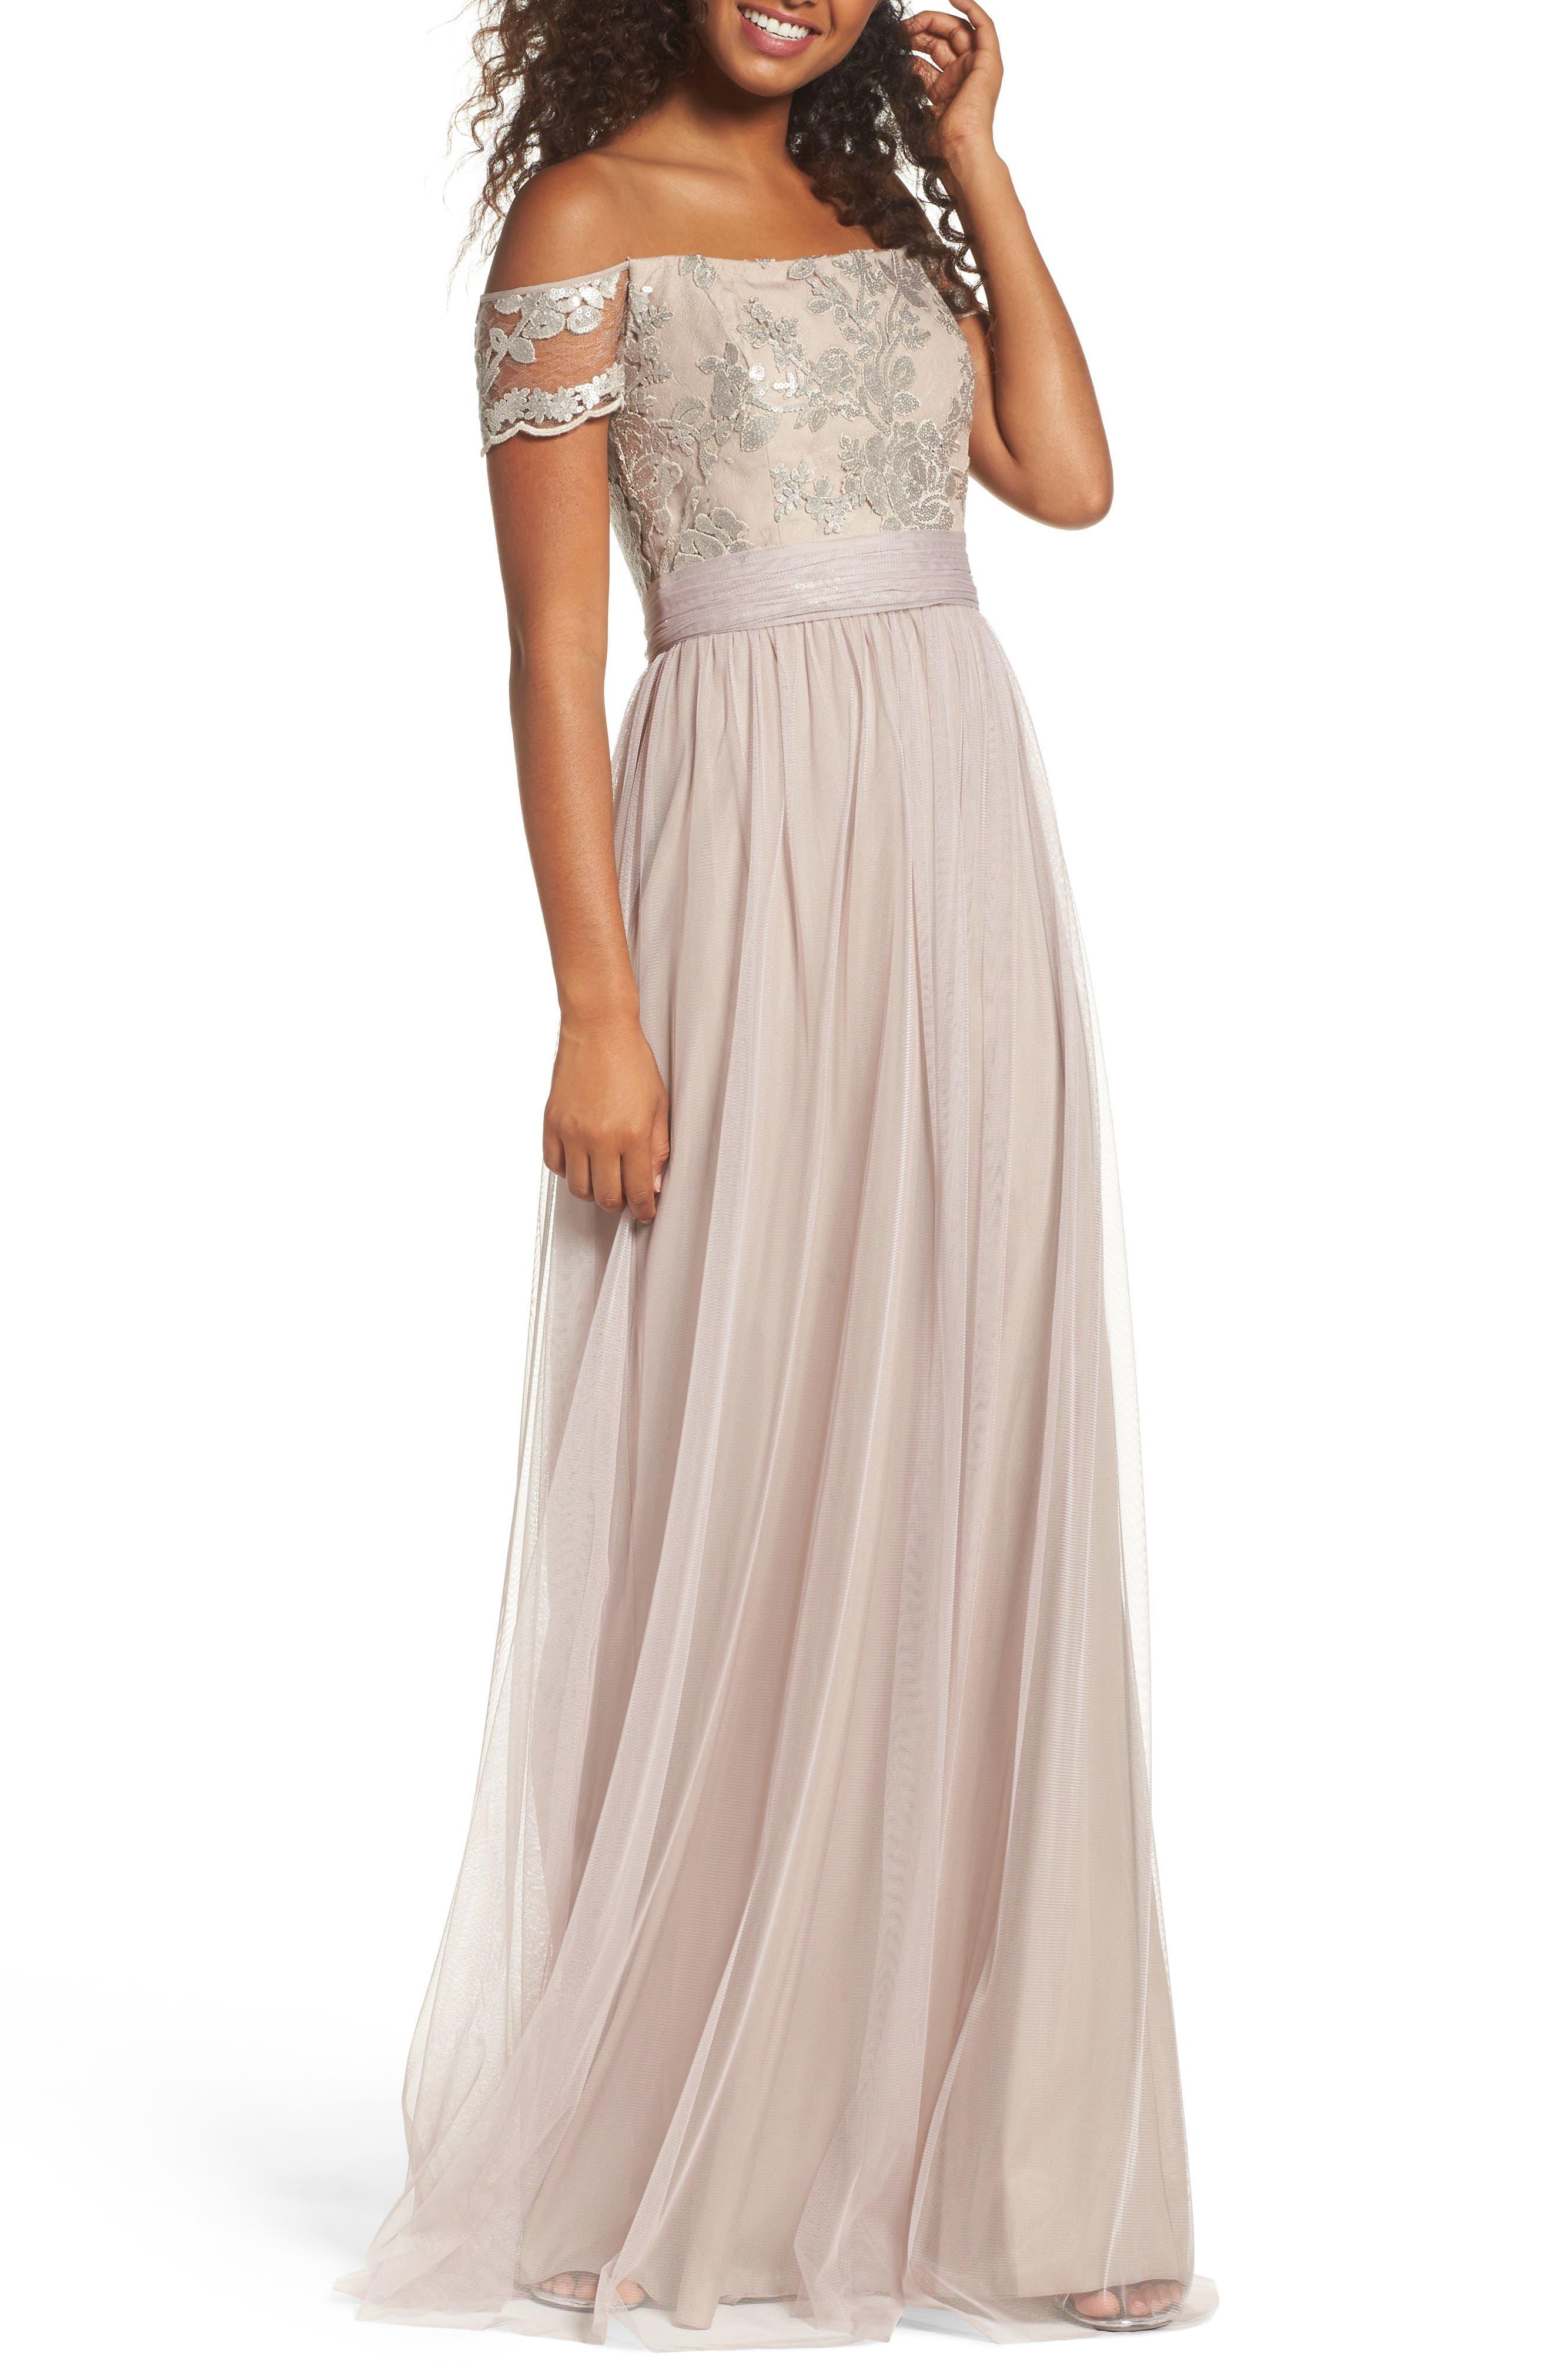 Amsale Ireland Embellished Off the Shoulder Gown